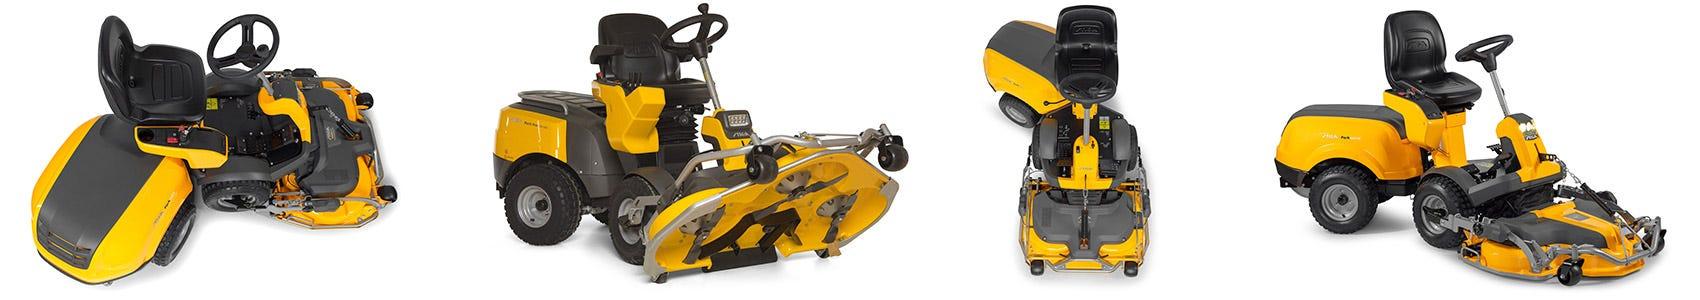 STIGA Frontmäher sind leistungsstarke Maschinen, die speziell für den Mulchschnitt entwickelt wurden